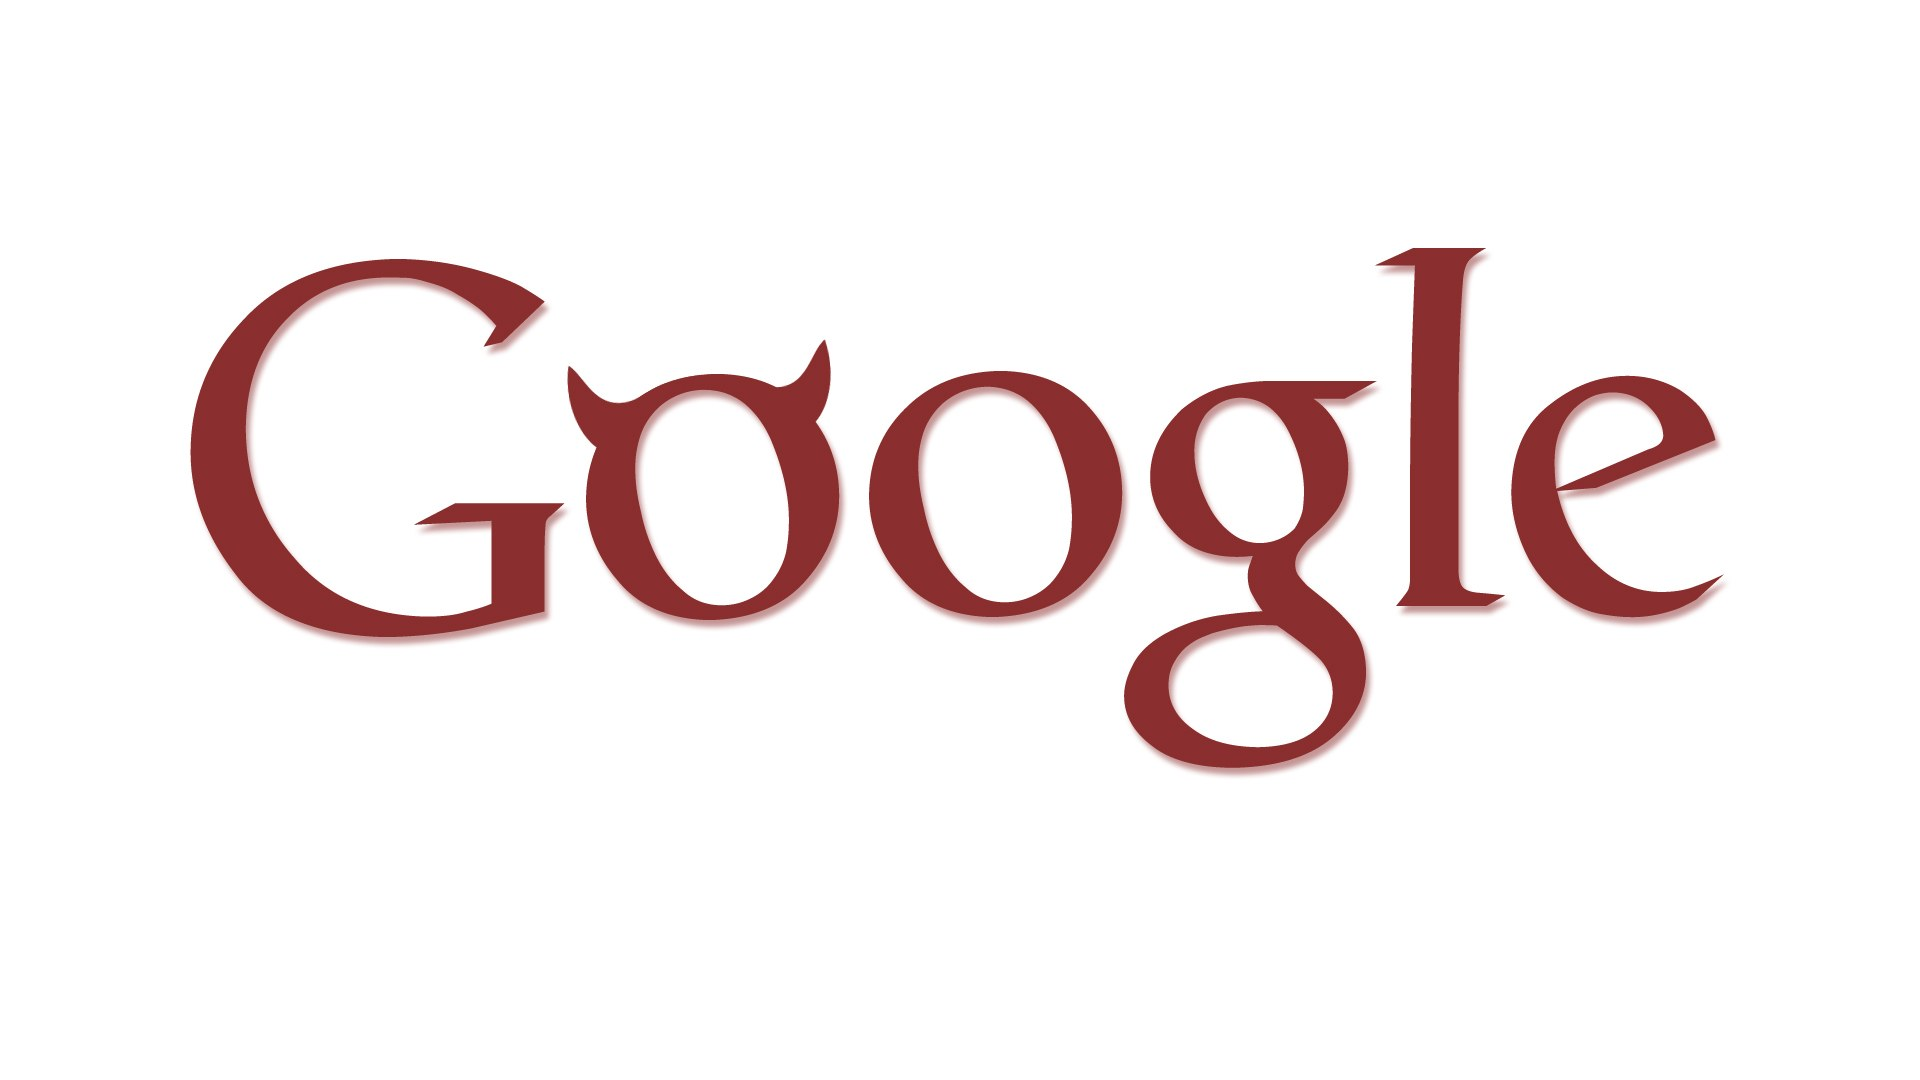 Google est t'il en train de tuer internet? - Blog sur la ...